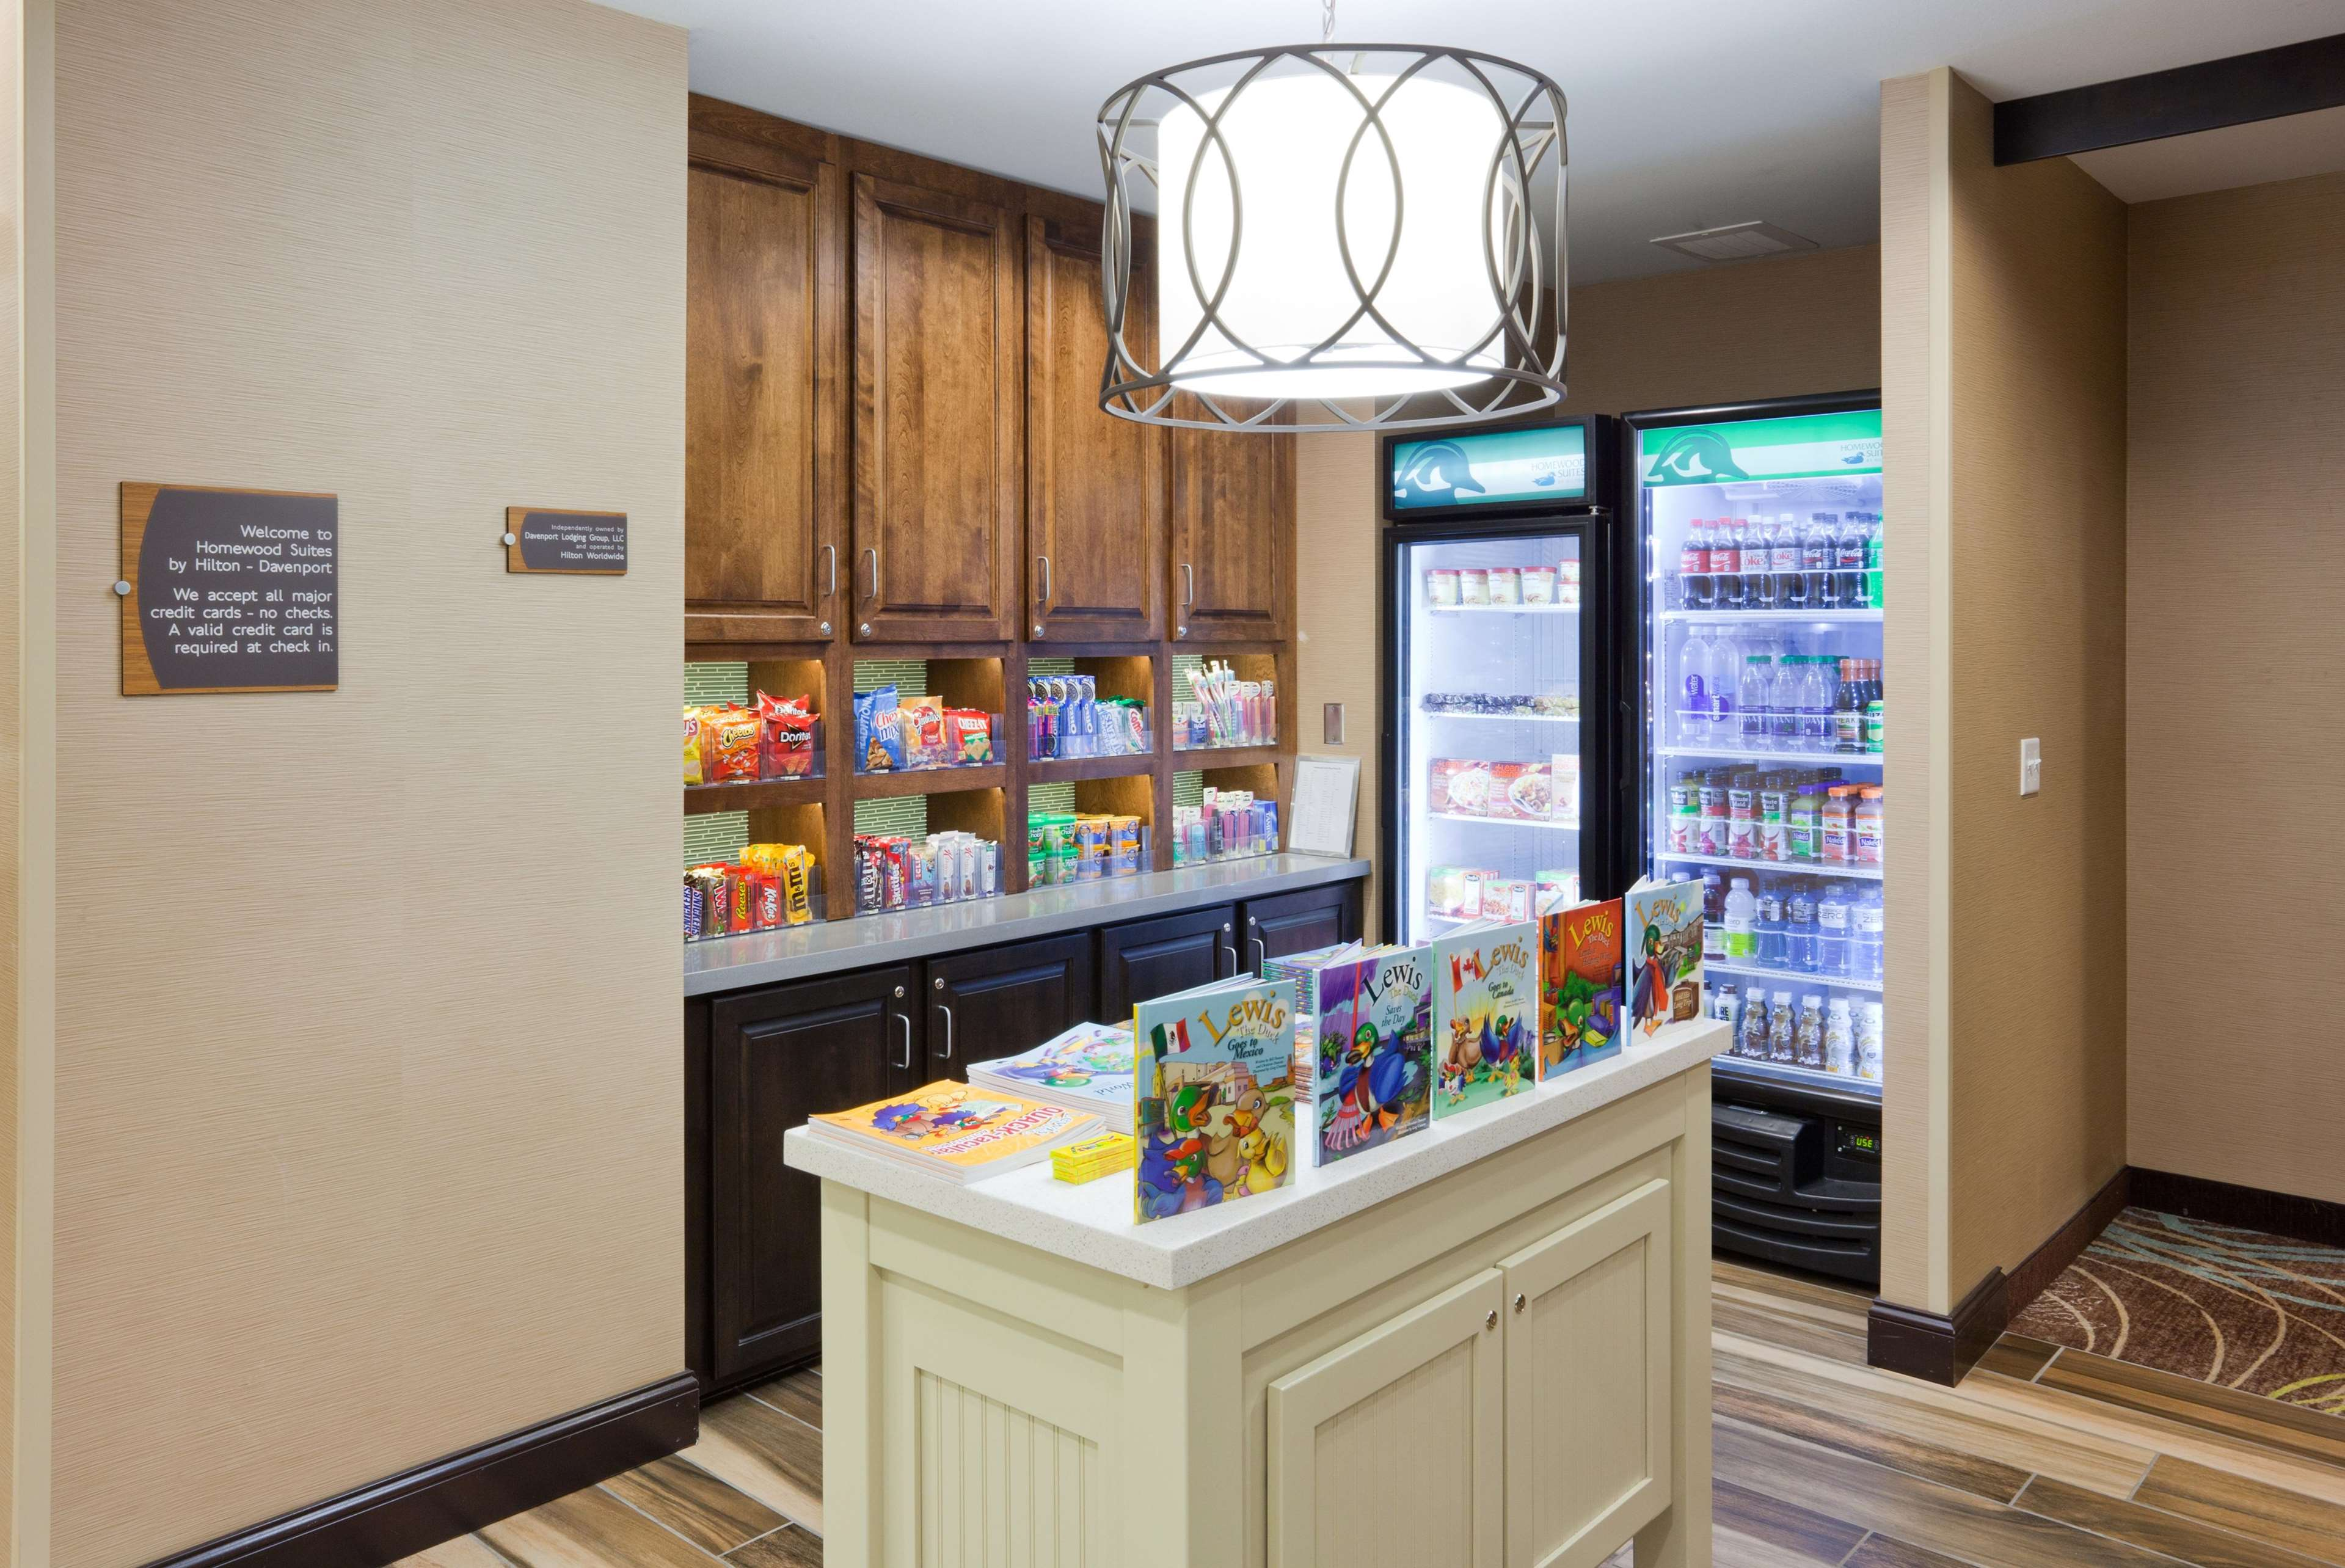 Homewood Suites by Hilton Davenport image 16